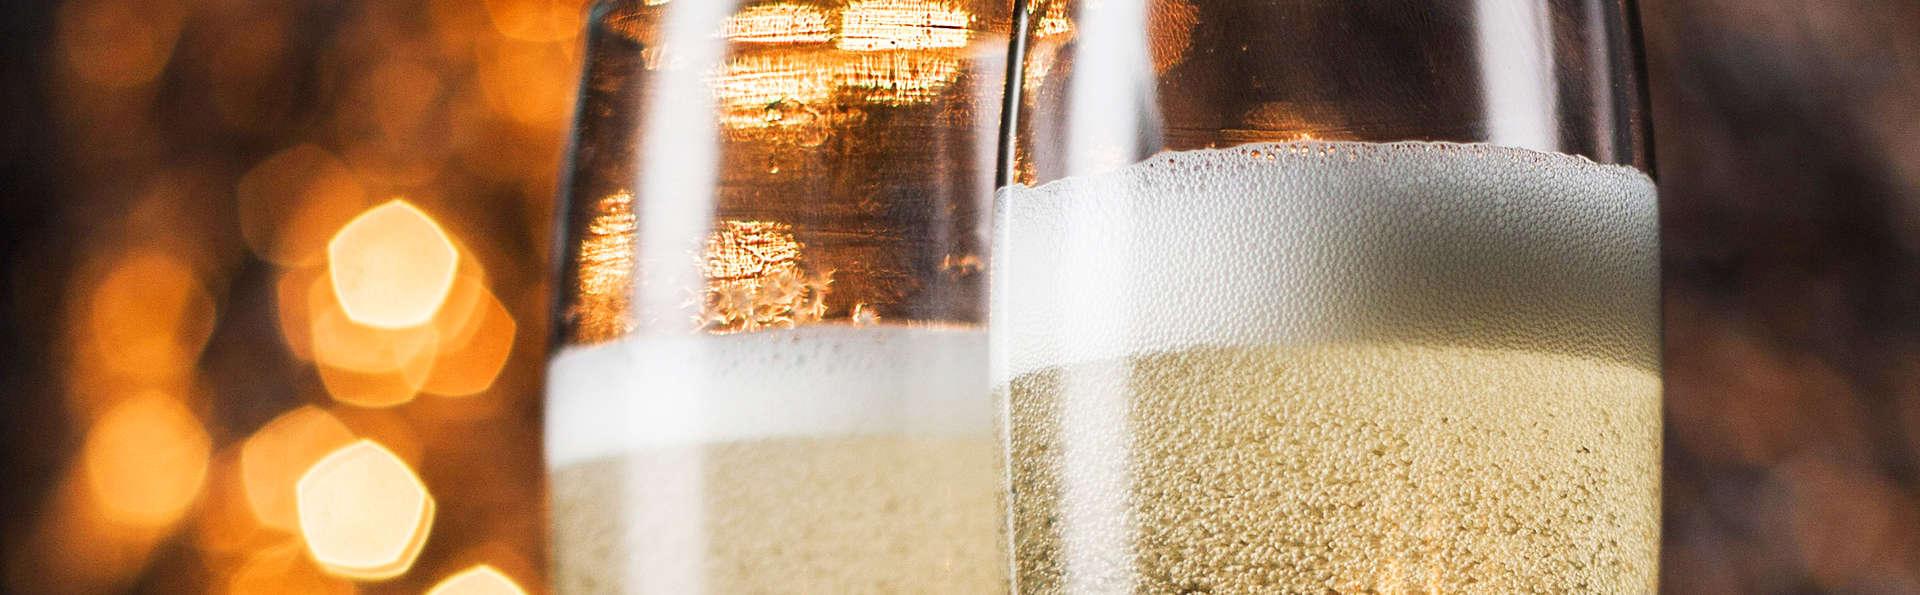 Week-end romantique avec champagne à Gap